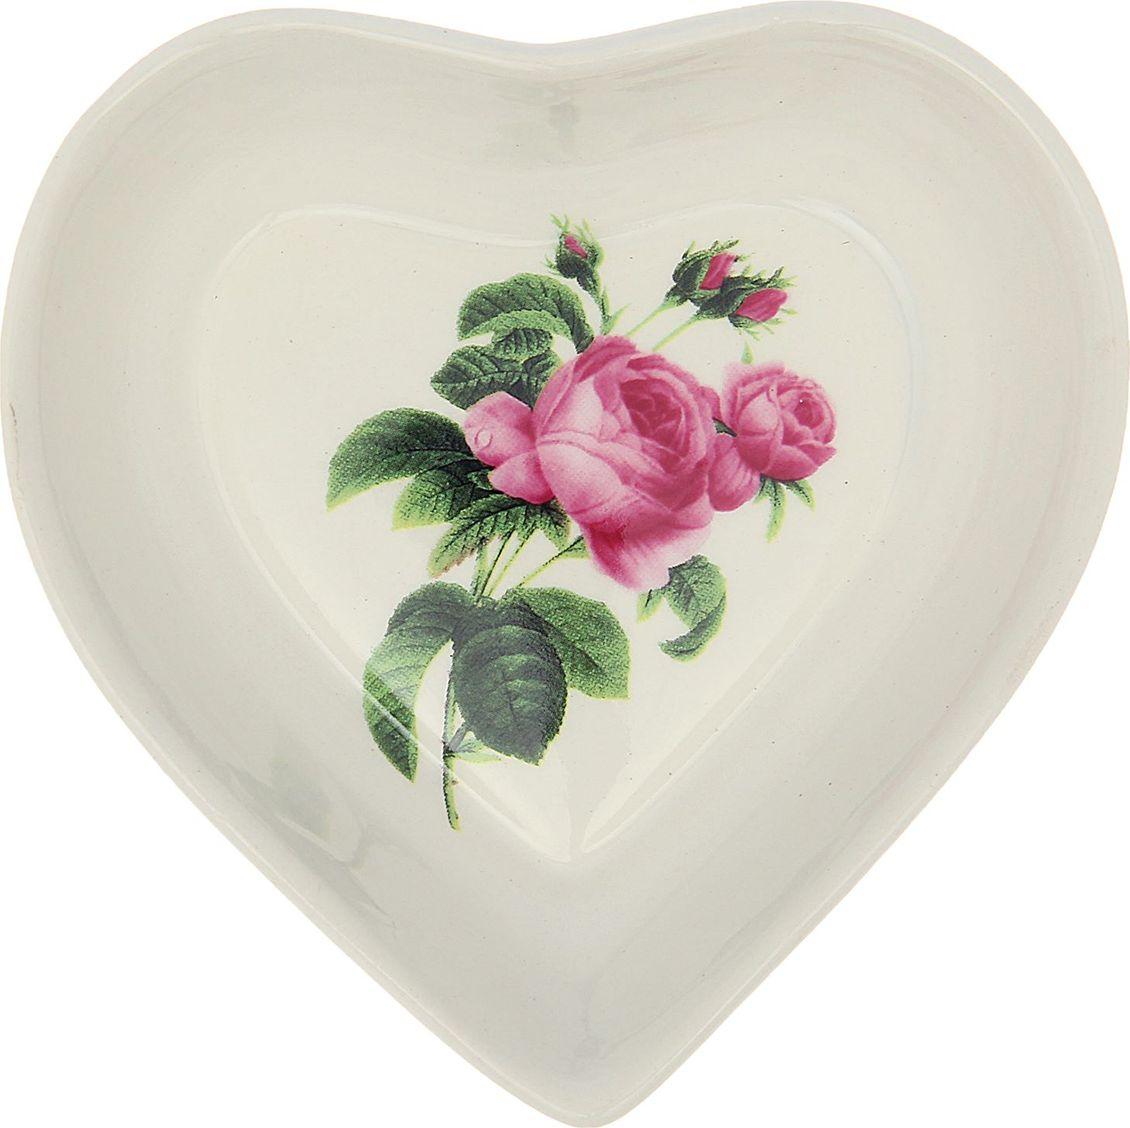 Салатник Керамика ручной работы Сердце. Марта, 200 мл. 16473091647309Такой салатник понравится любителям вкусной и полезной домашней пищи. Такая посуда практична и красива, в ней можно хранить и подавать разнообразные блюда. При многократном использовании изделие сохранит свой вид и выдержит мытьё в посудомоечной машине. В керамической ёмкости горячая пища долго сохраняет своё тепло, остуженные блюда остаются прохладными. Изделие не выделяет вредных веществ при нагревании и длительном хранении за счёт экологичности материала. Блюда, поданные в такой посуде, выглядят привлекательно и аппетитно.